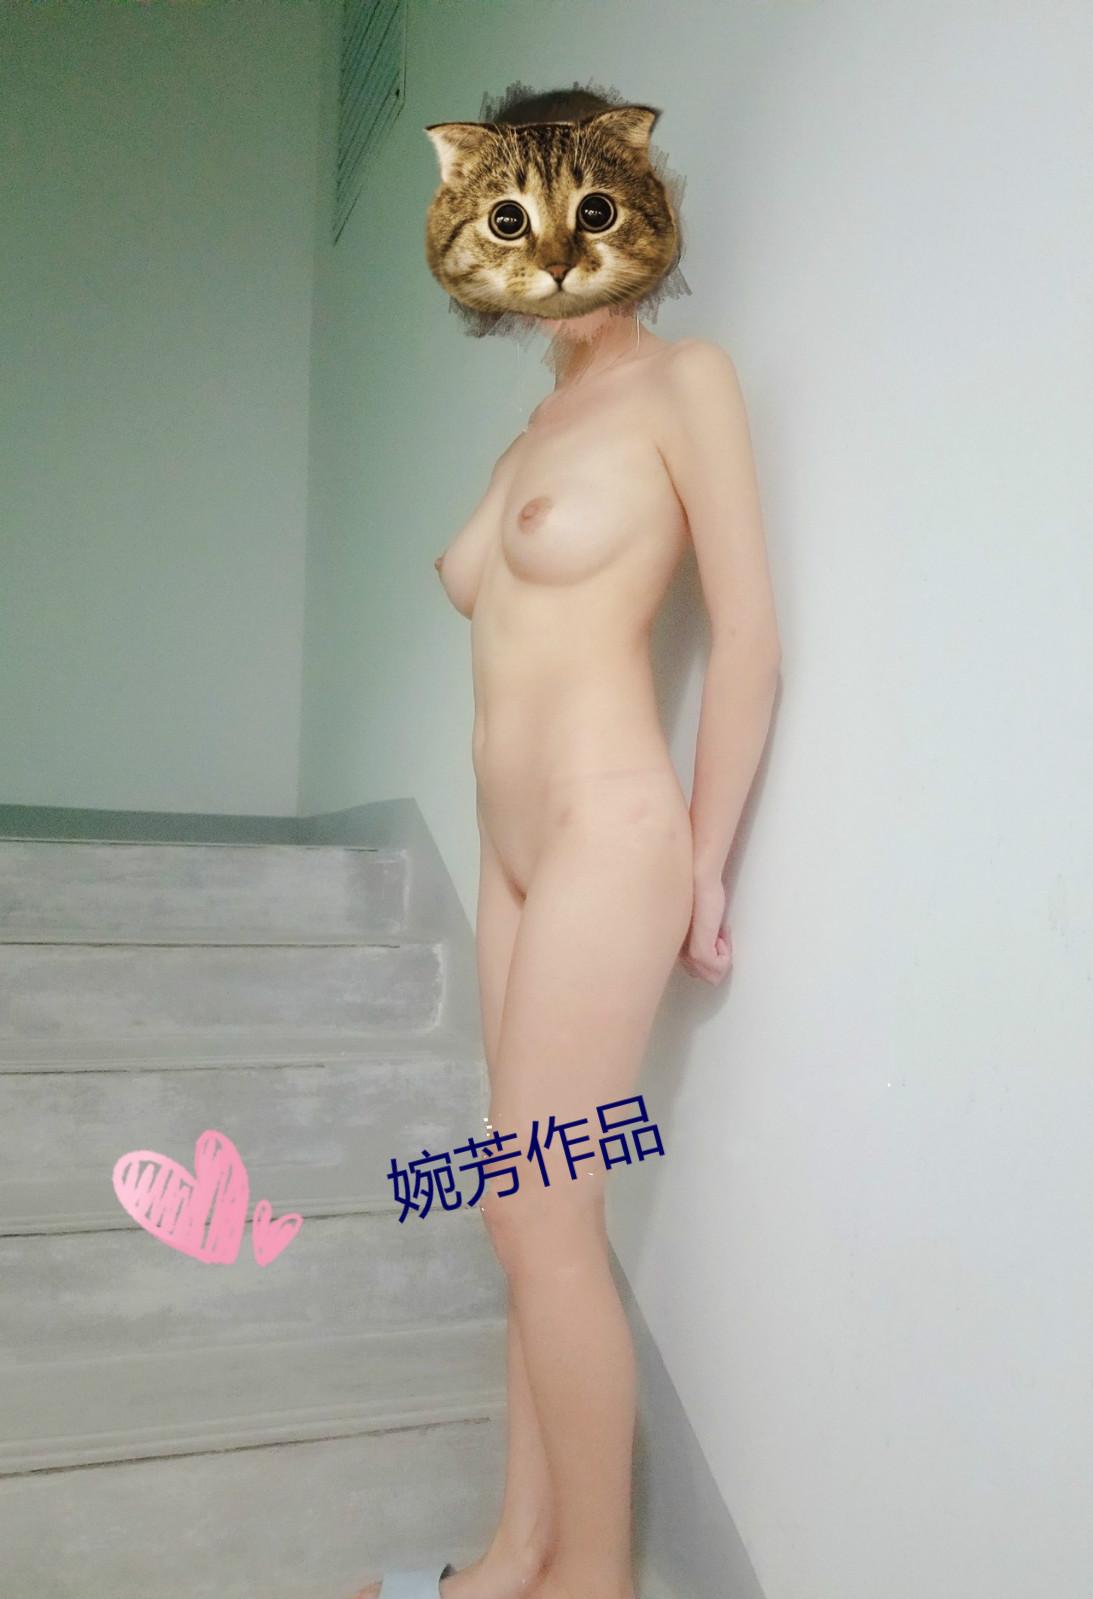 アジアン女性の野外露出が性的すぎてエッチなエロ画像 rOj5CbOnF1n7Nd